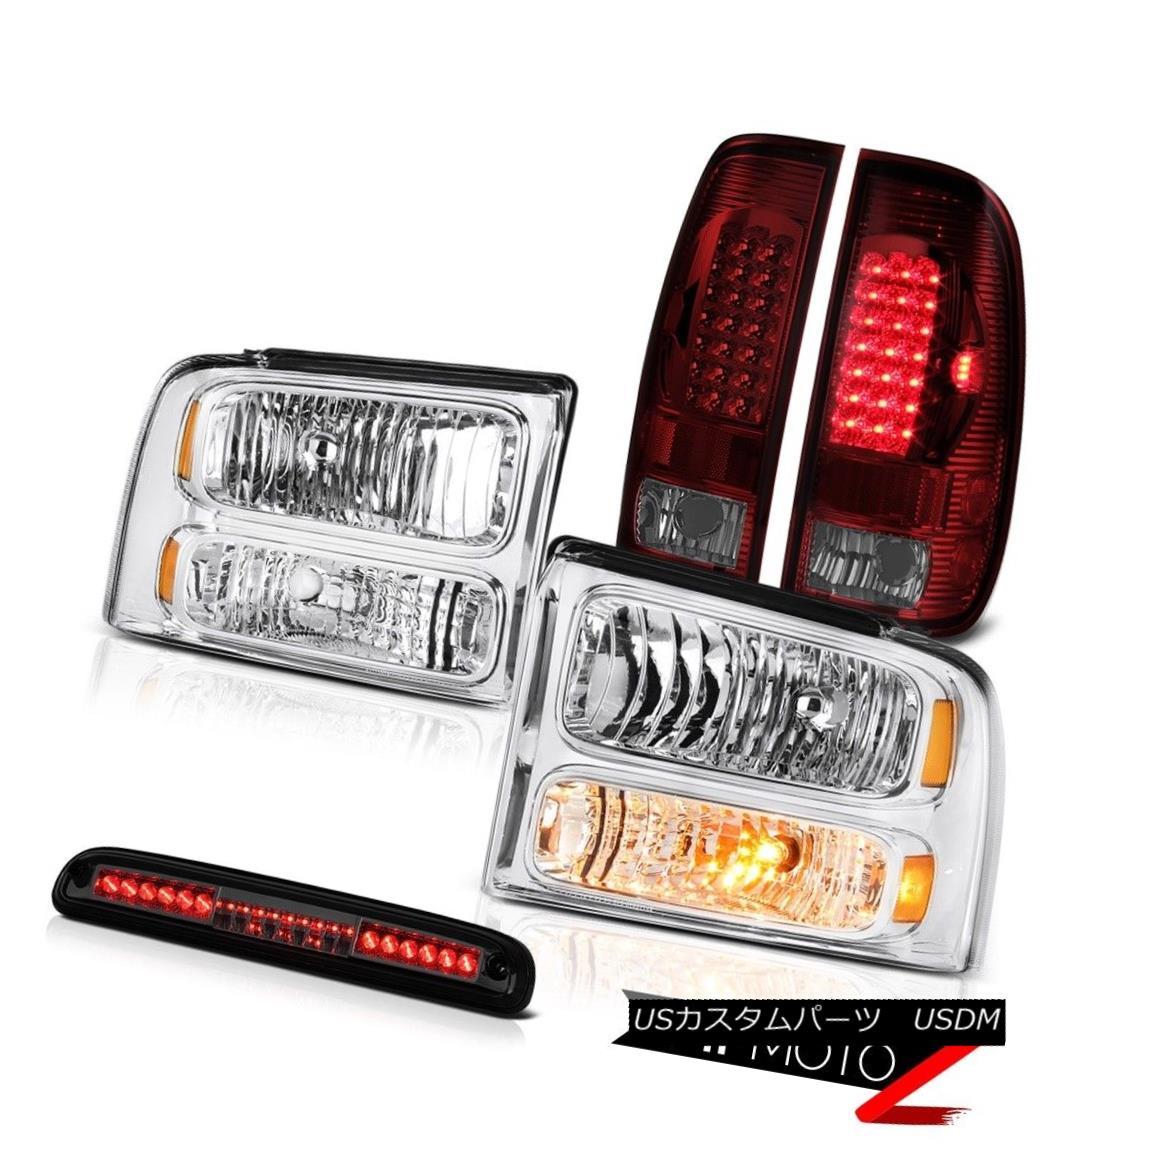 テールライト Crystal Headlights SMD Rear Lamps Tinted Third Brake LED 2005-2007 F350 5.4L クリスタルヘッドライトSMDリアランプは第3ブレーキLEDを点灯2005-2007 F350 5.4L